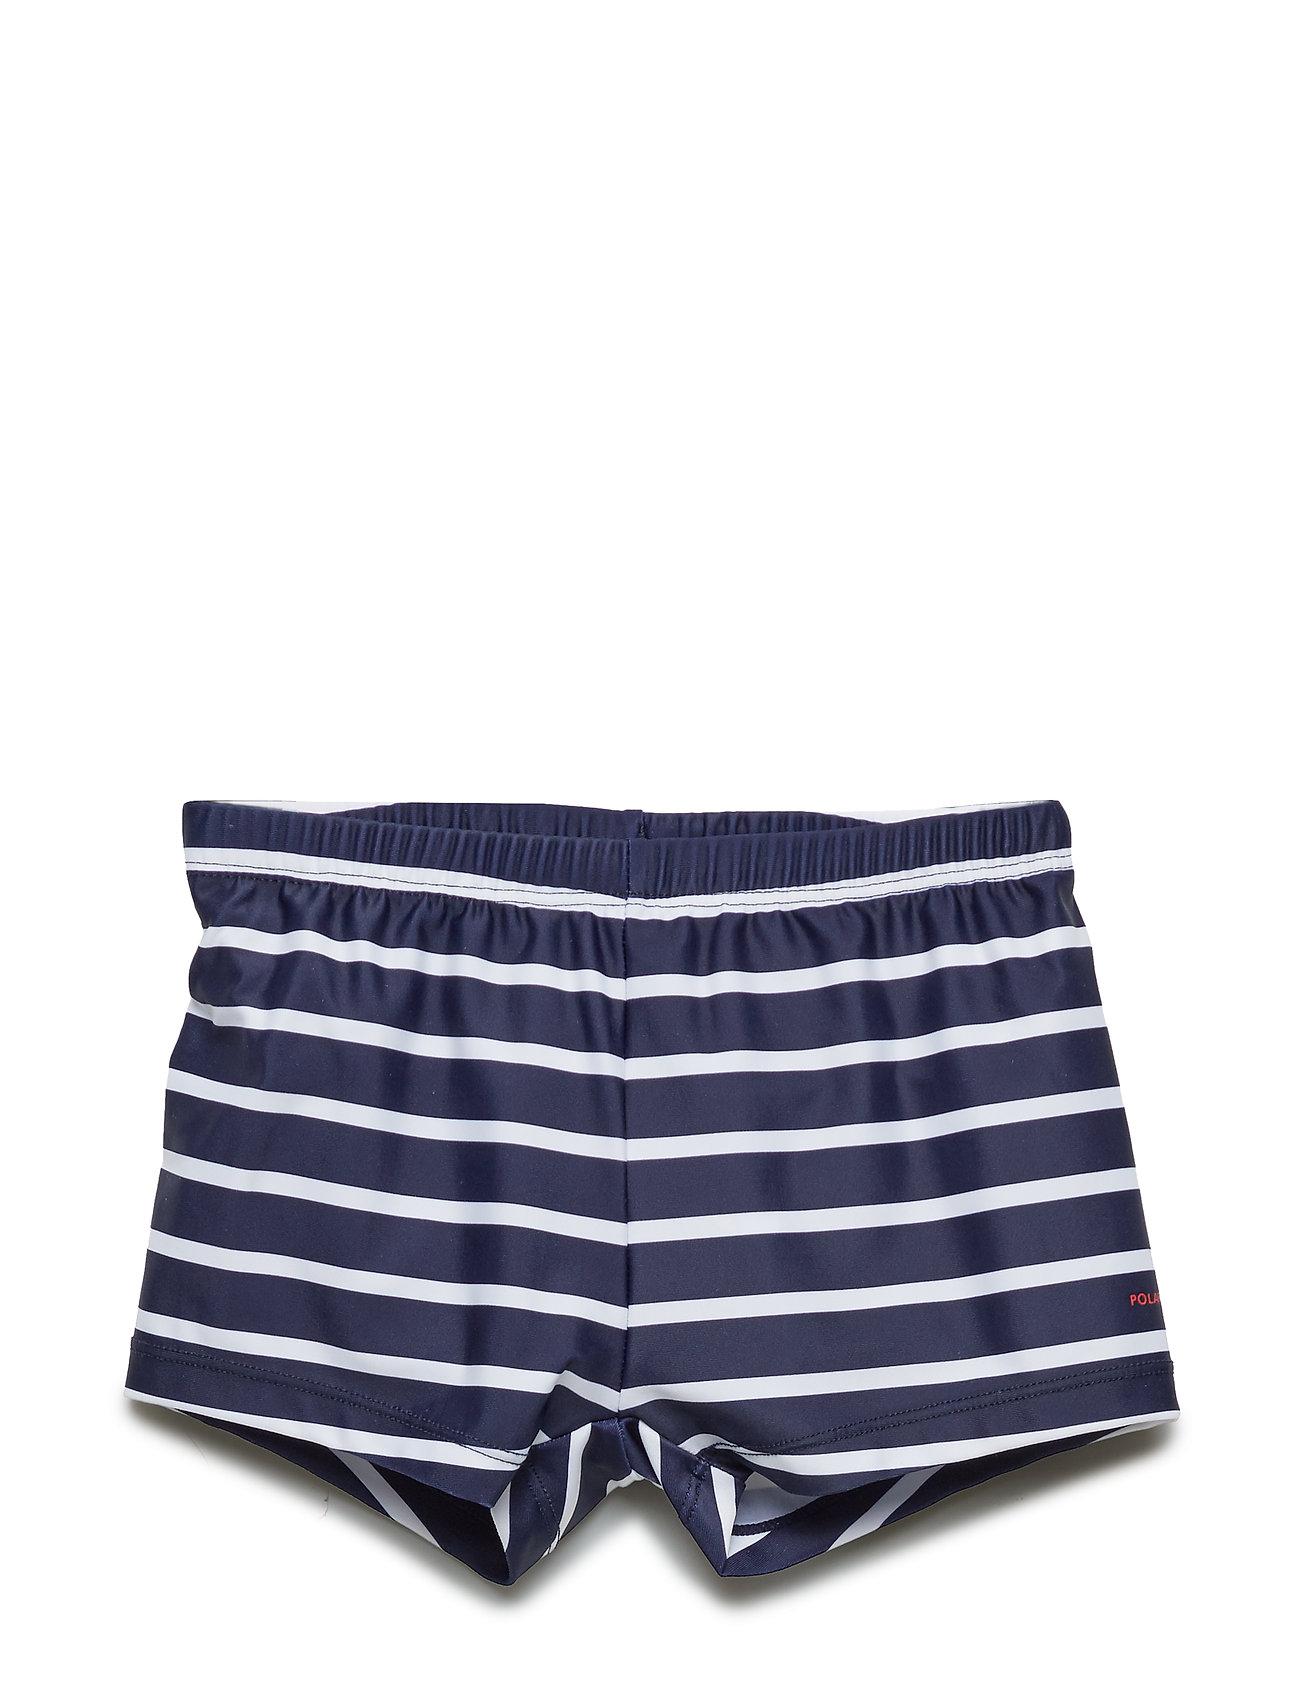 Polarn O. Pyret Swimwear Pants Stripe Preschool